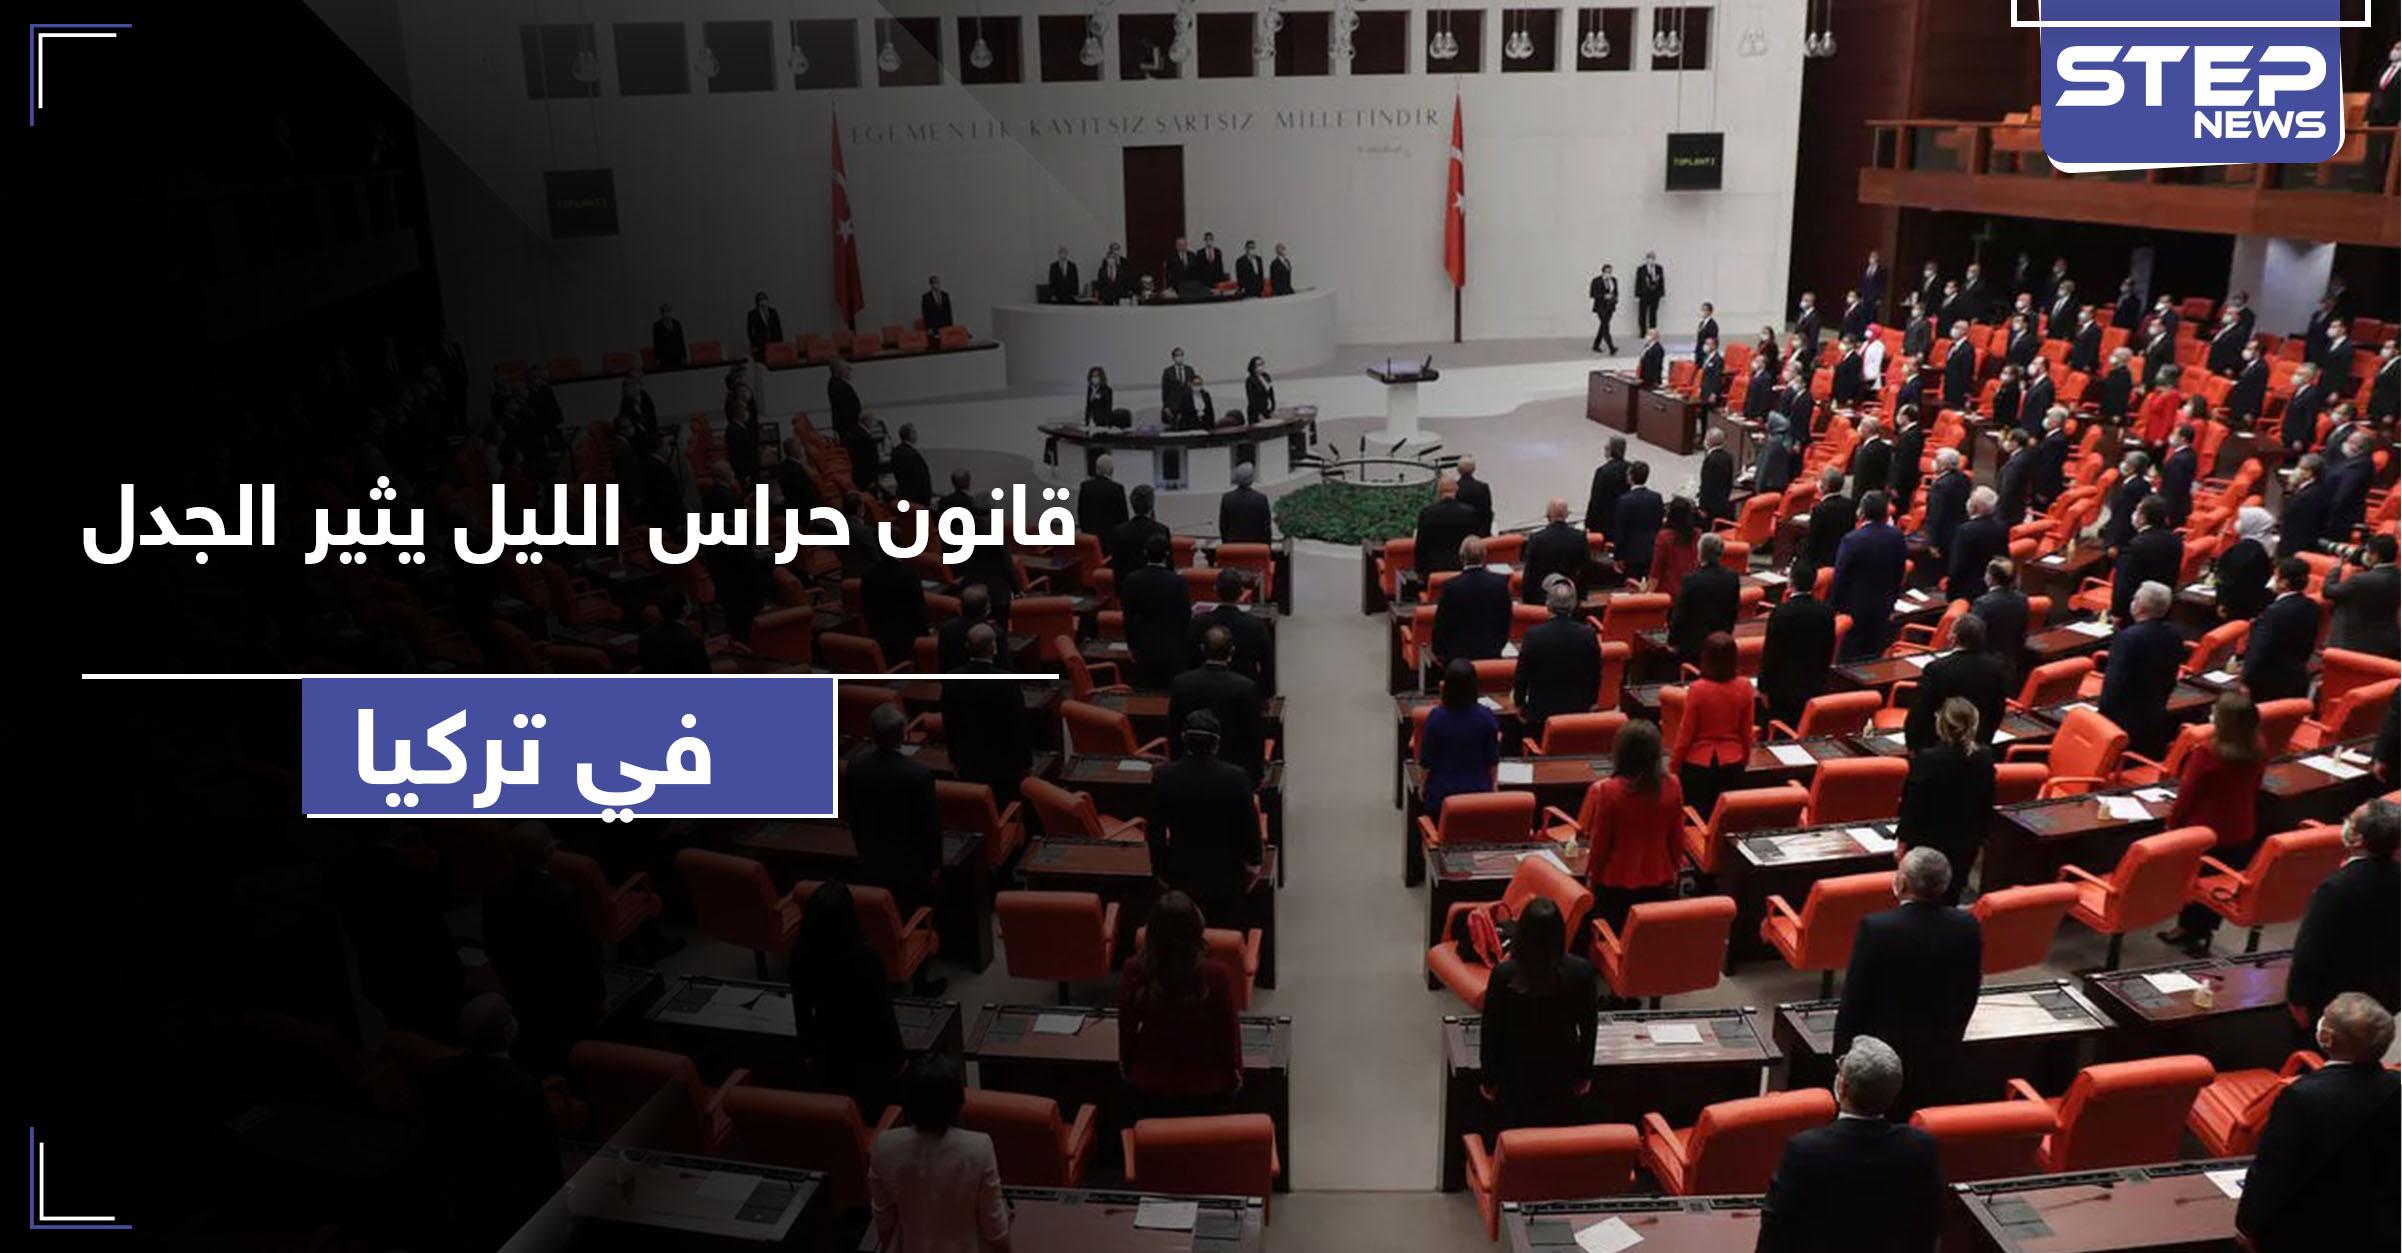 """البرلمان يشرّع قانون """"حراس الأحياء"""" والمعارضة تتهم أردوغان"""